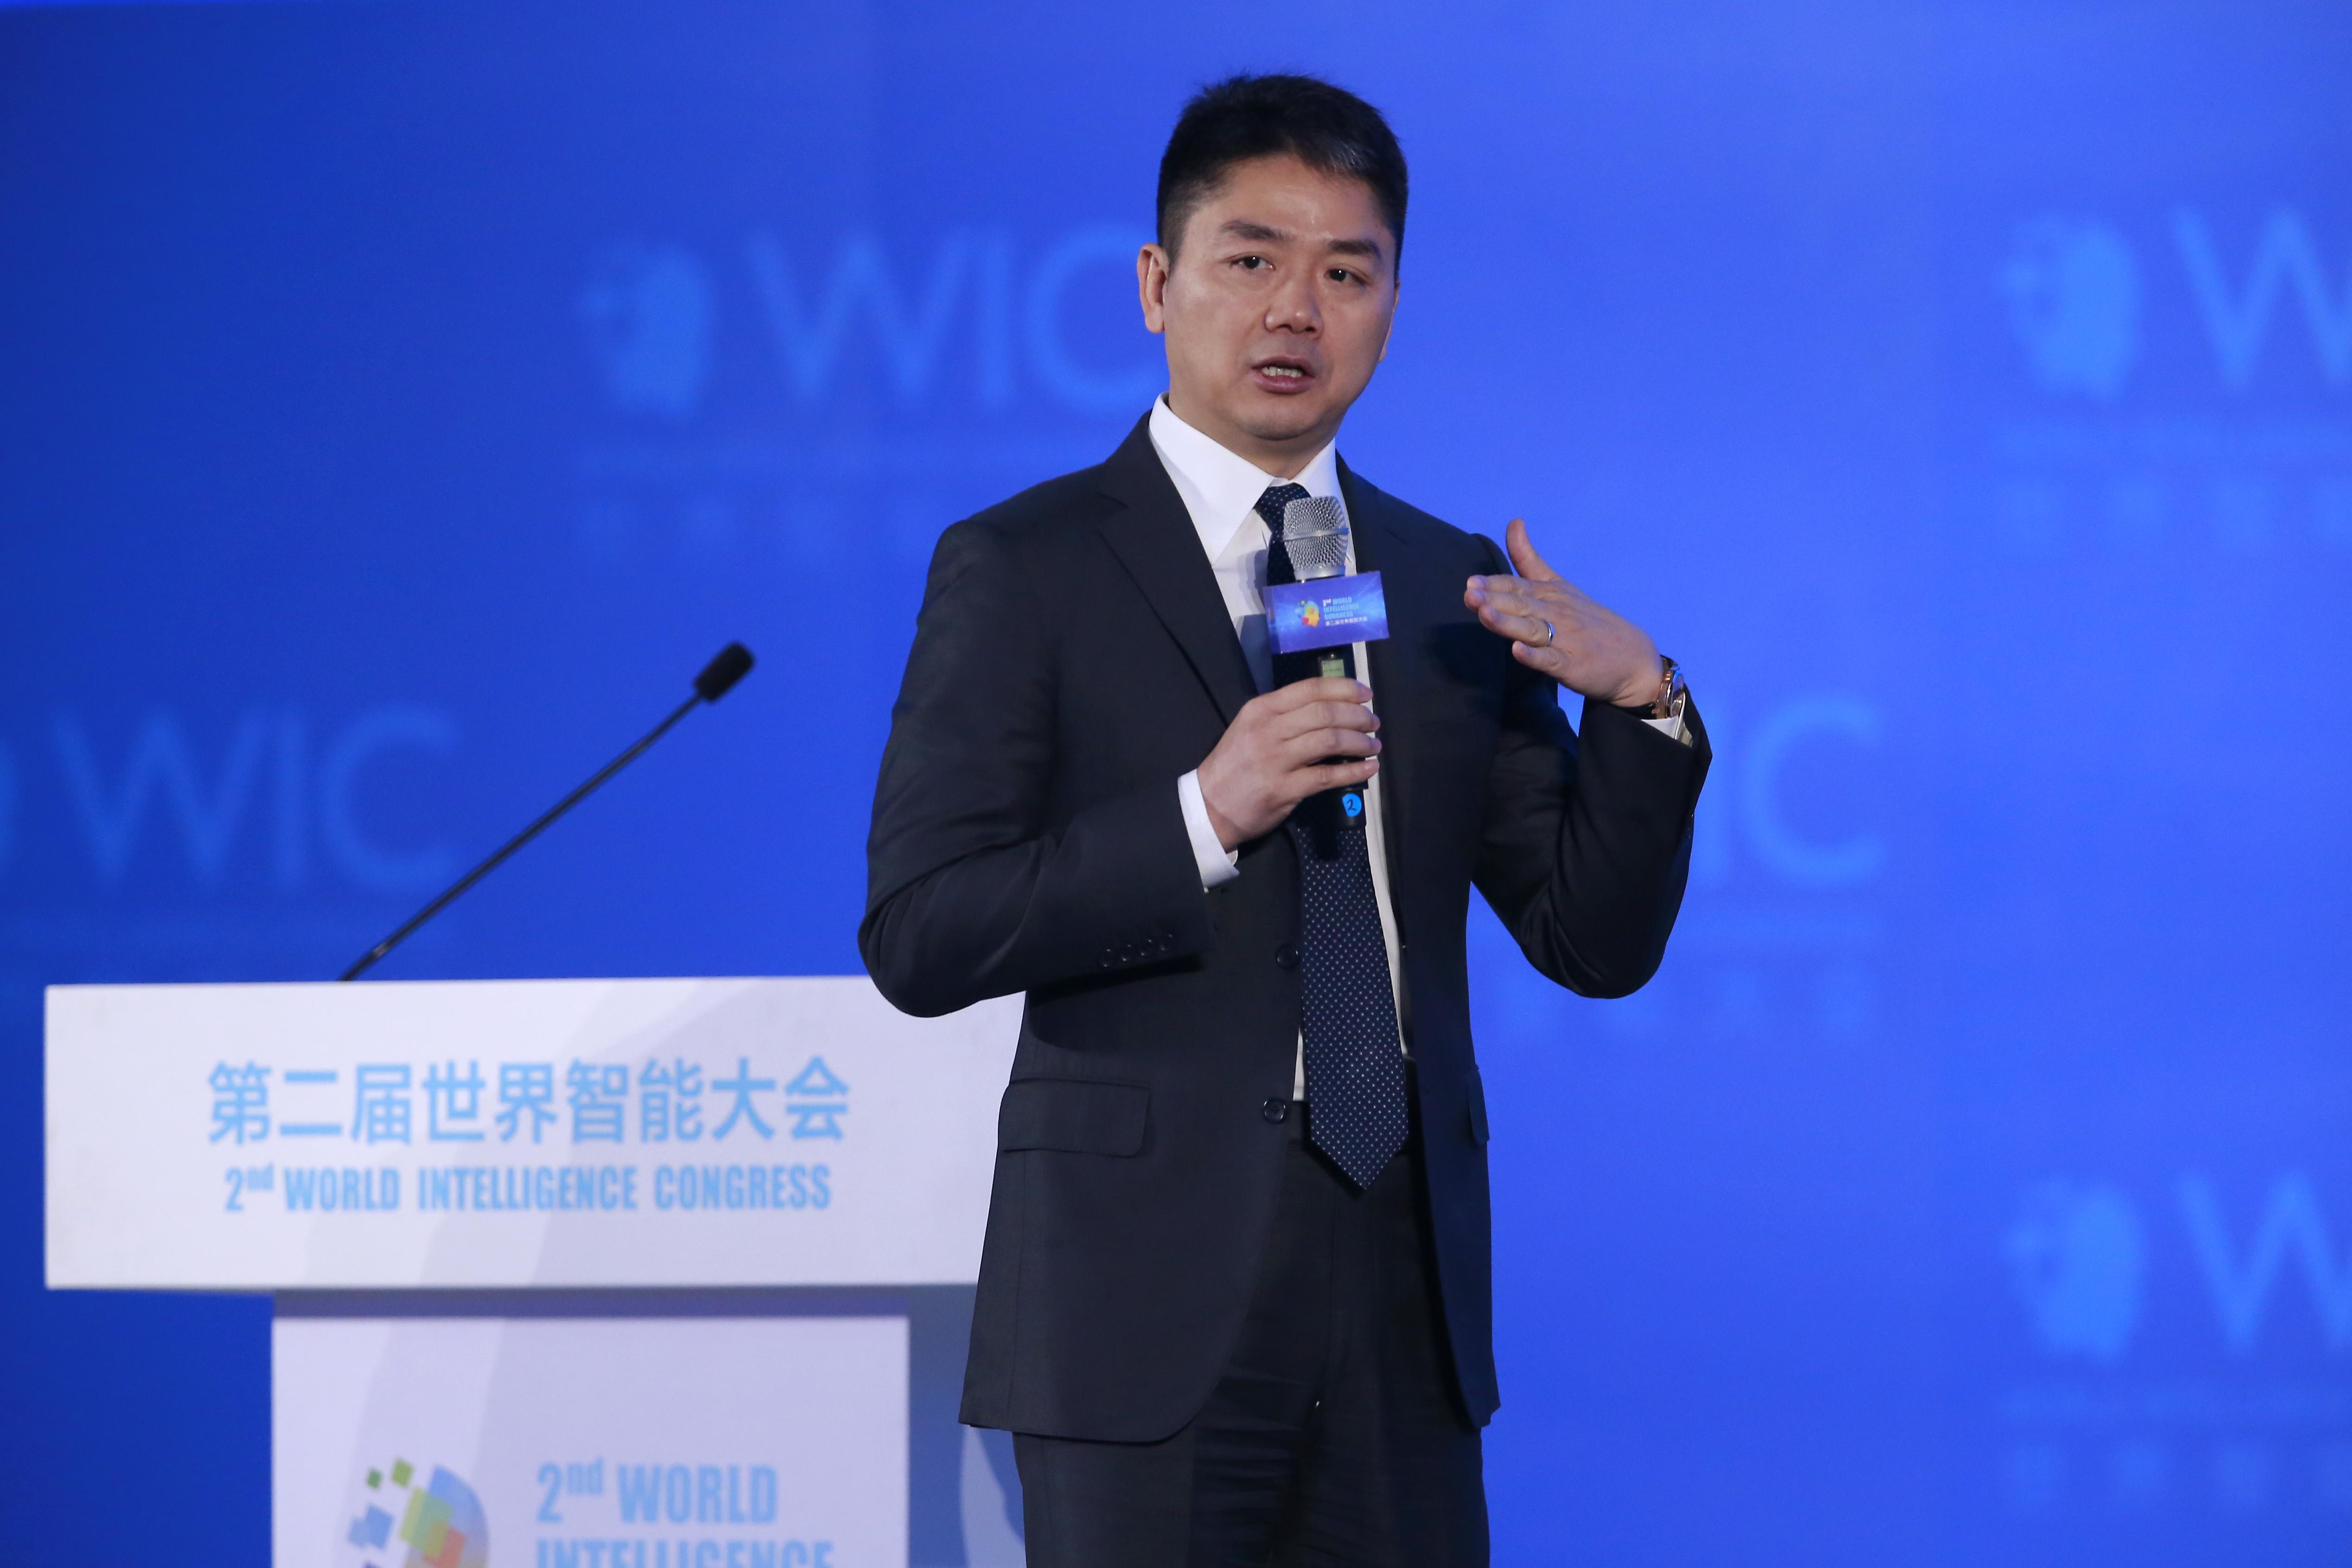 The 2nd World Intelligence Congress (WIC 2018)